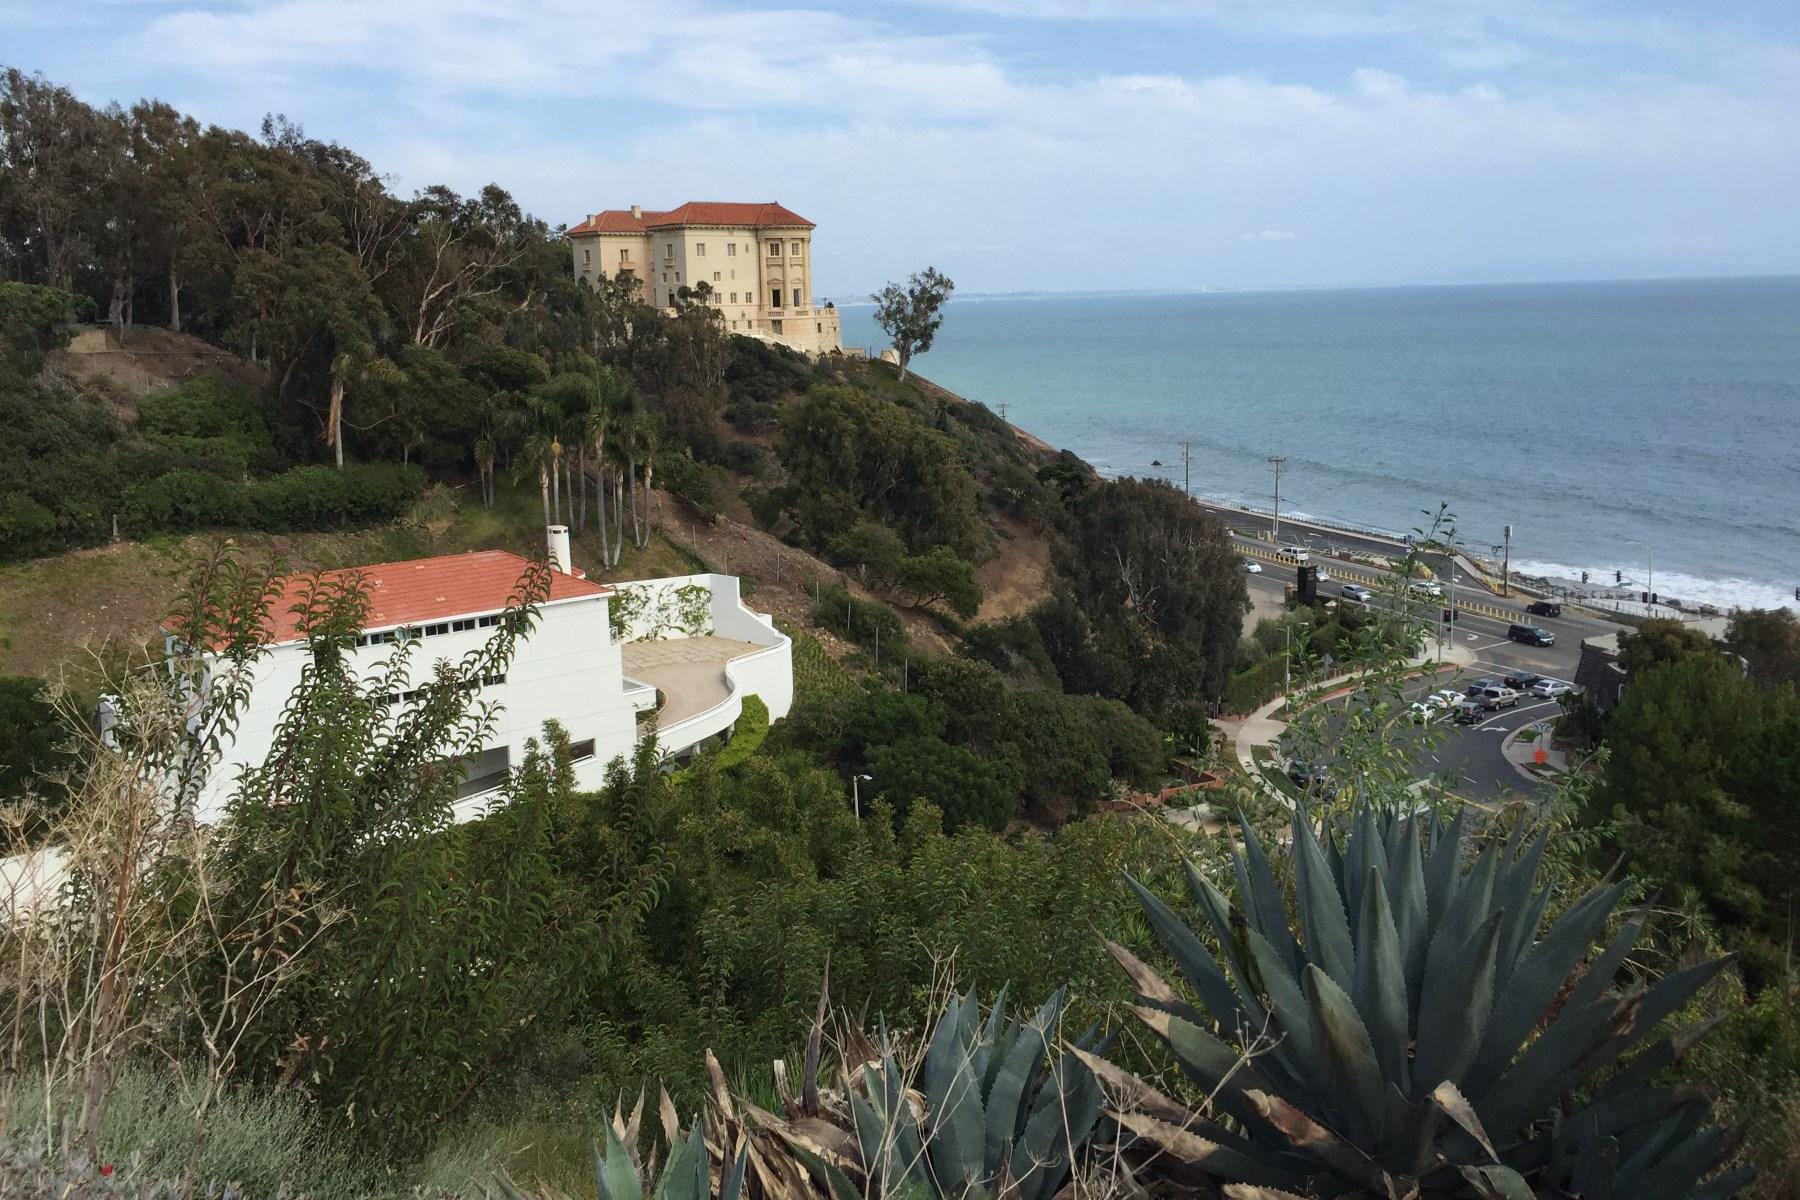 Land for Sale at Development Opportunity by Getty Villa 0 Coastline Drive Malibu, California 90265 United States